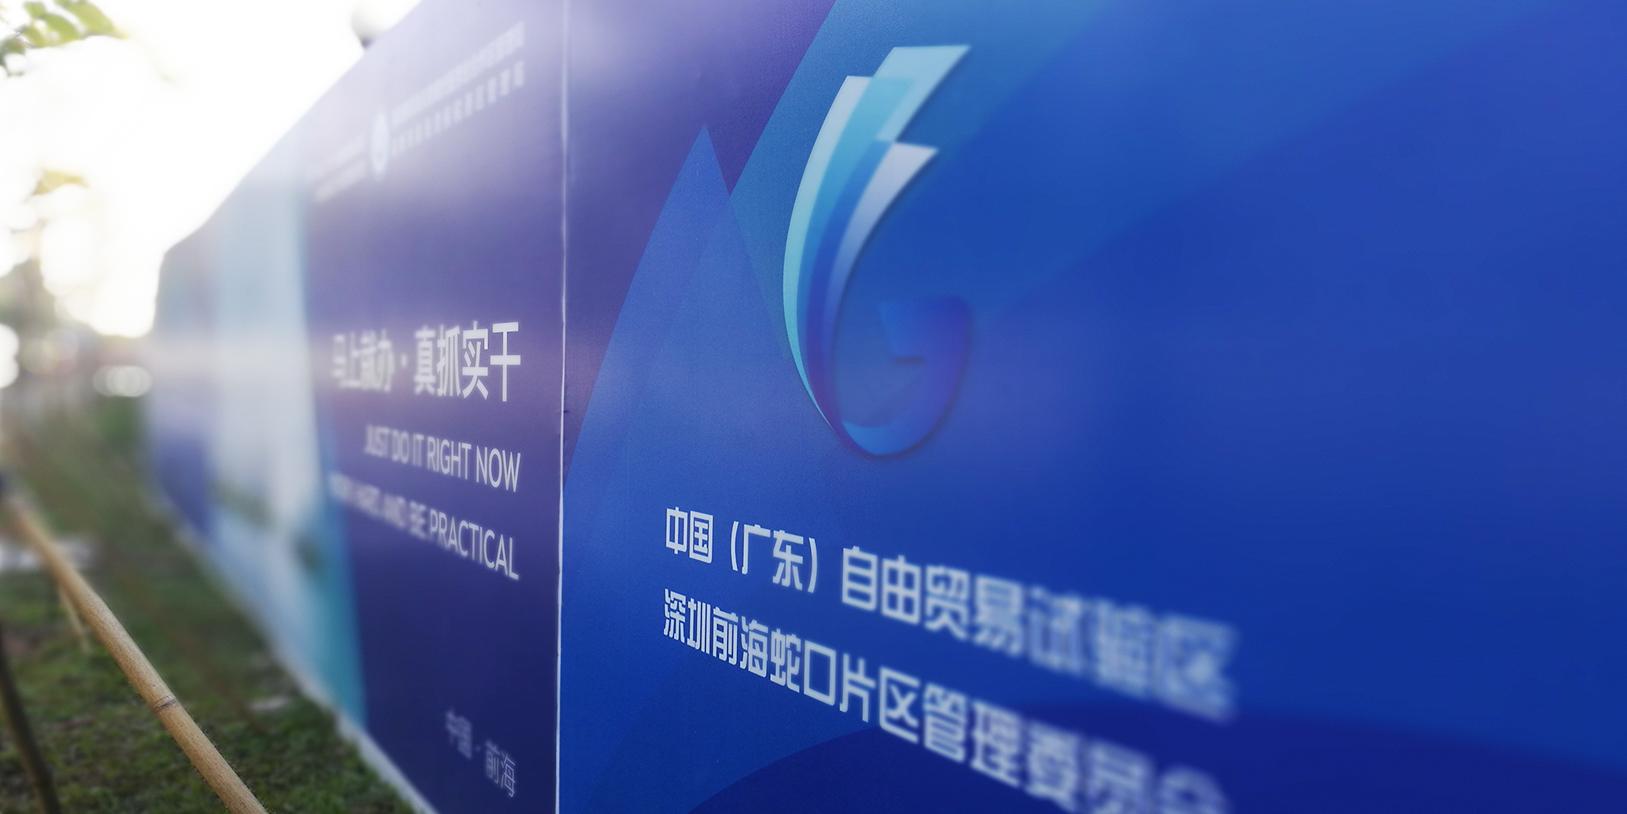 前海合作区宣传推广-深圳VI设计2